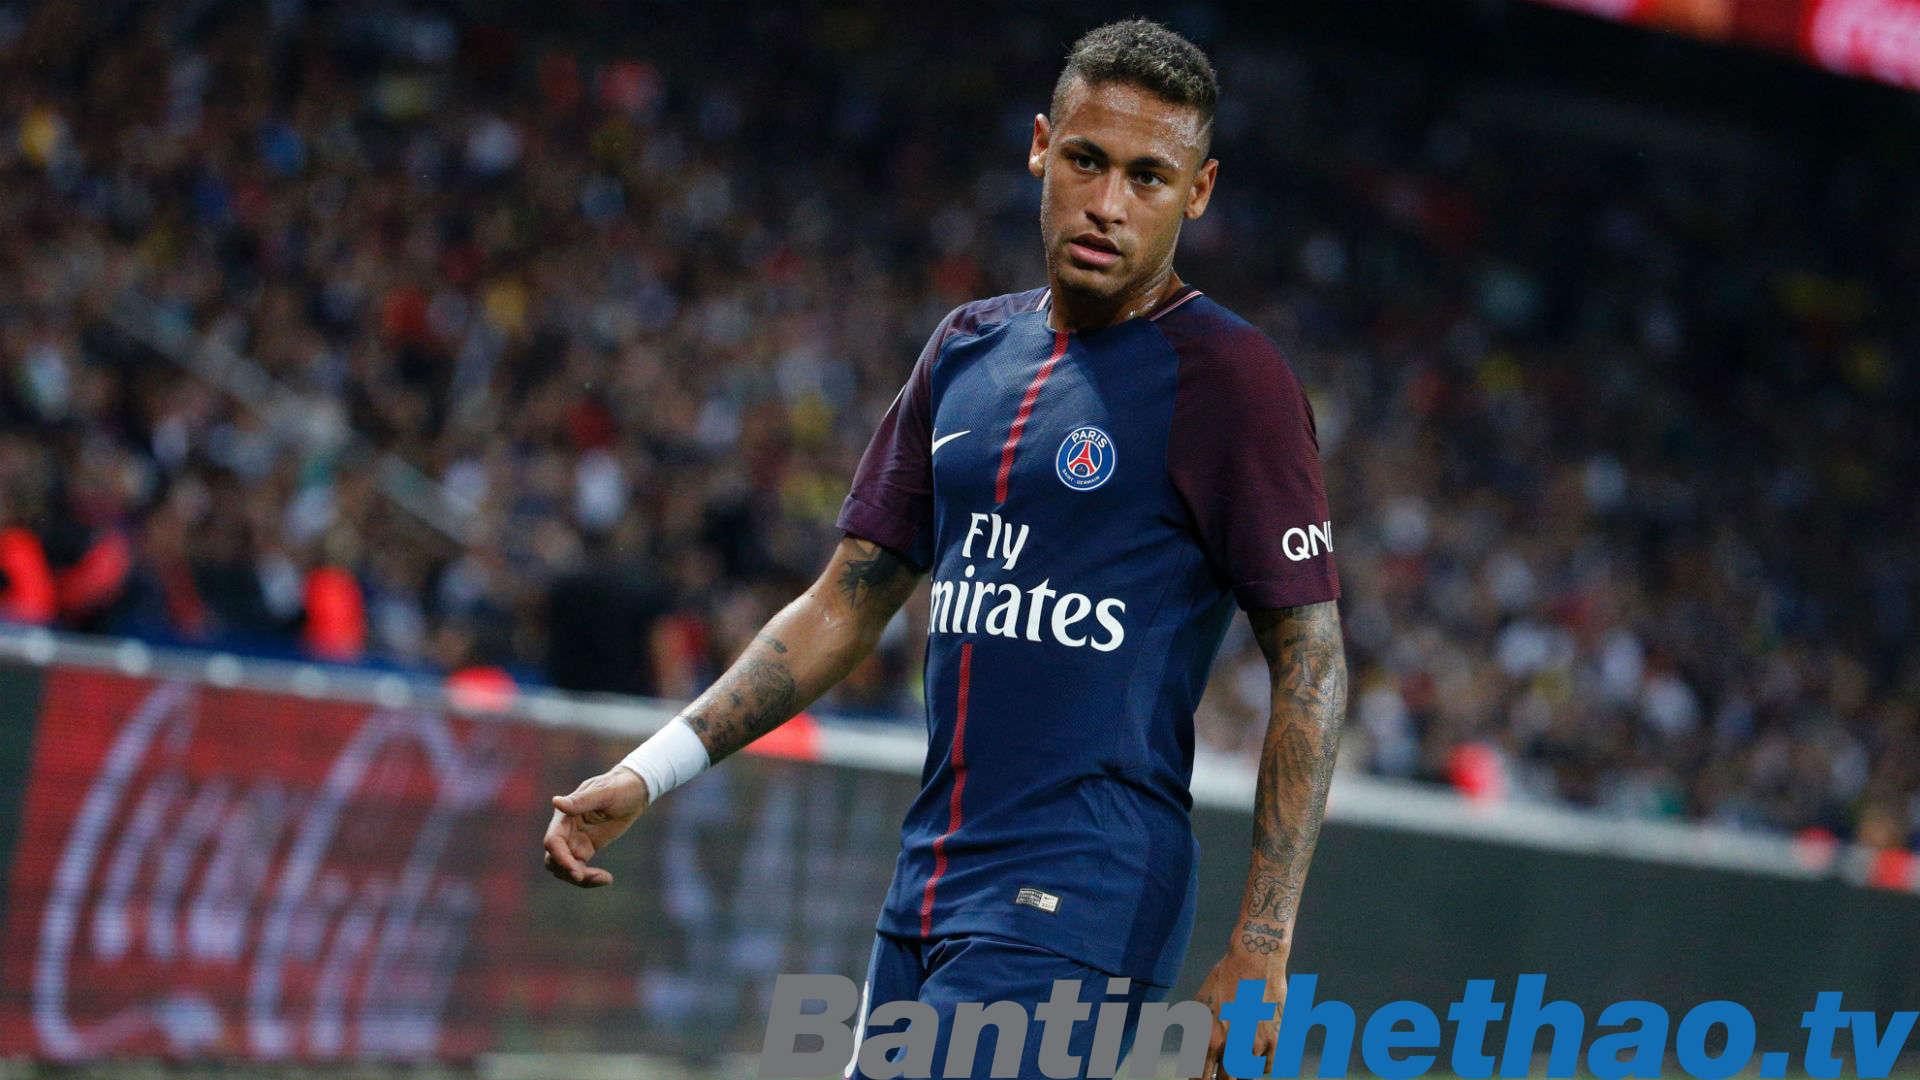 Neymar phát chán với cách mổ băng phân tích trước trận đấu của Emery